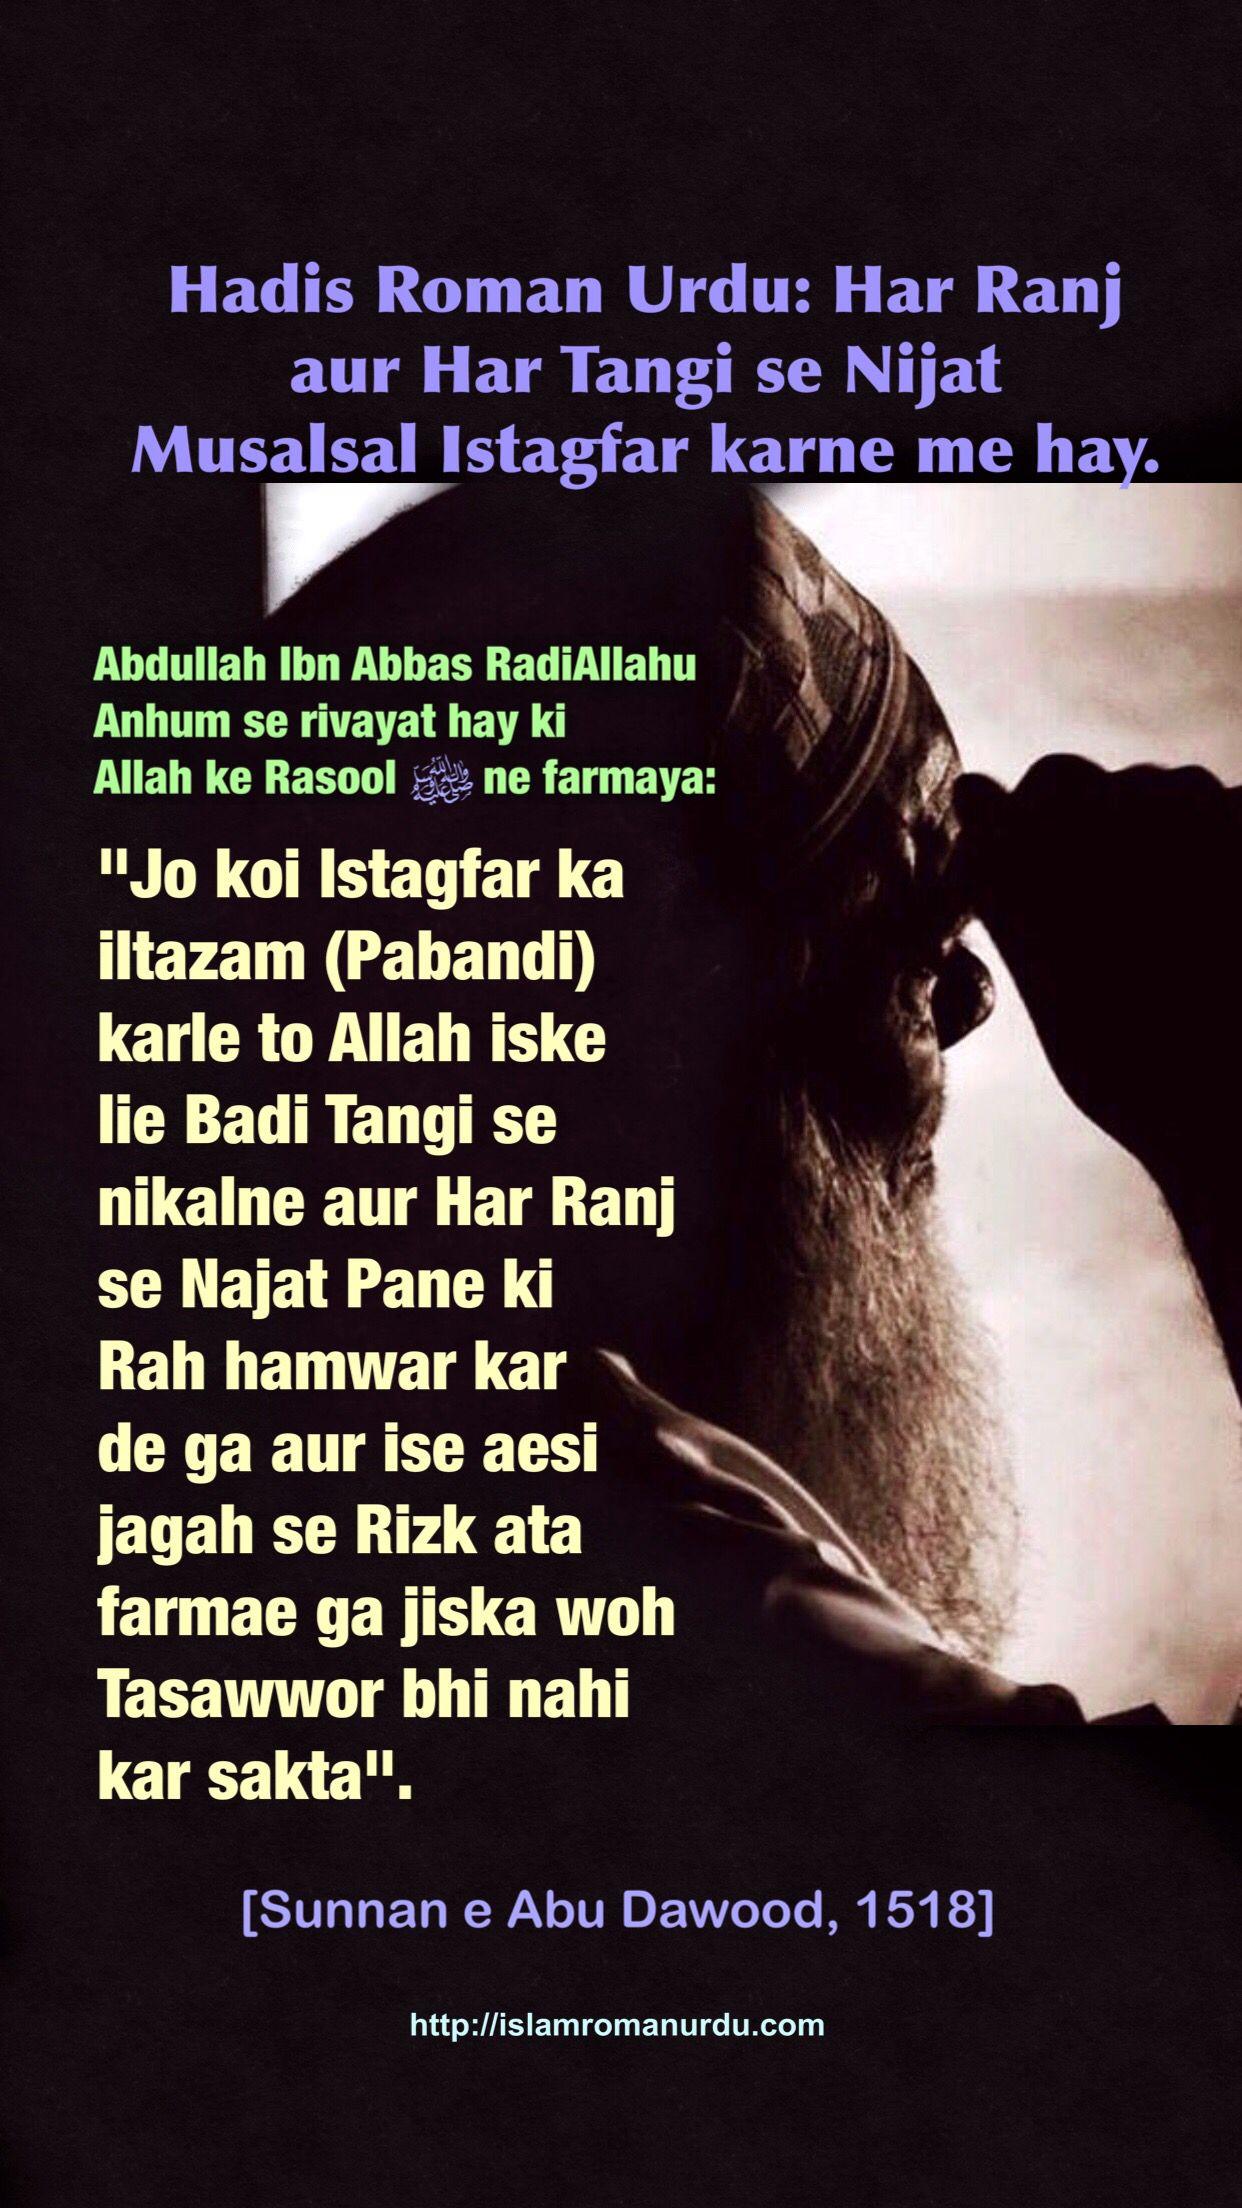 bismillahir rahmanir rahim hadis roman urdu: har ranj aur har tangi